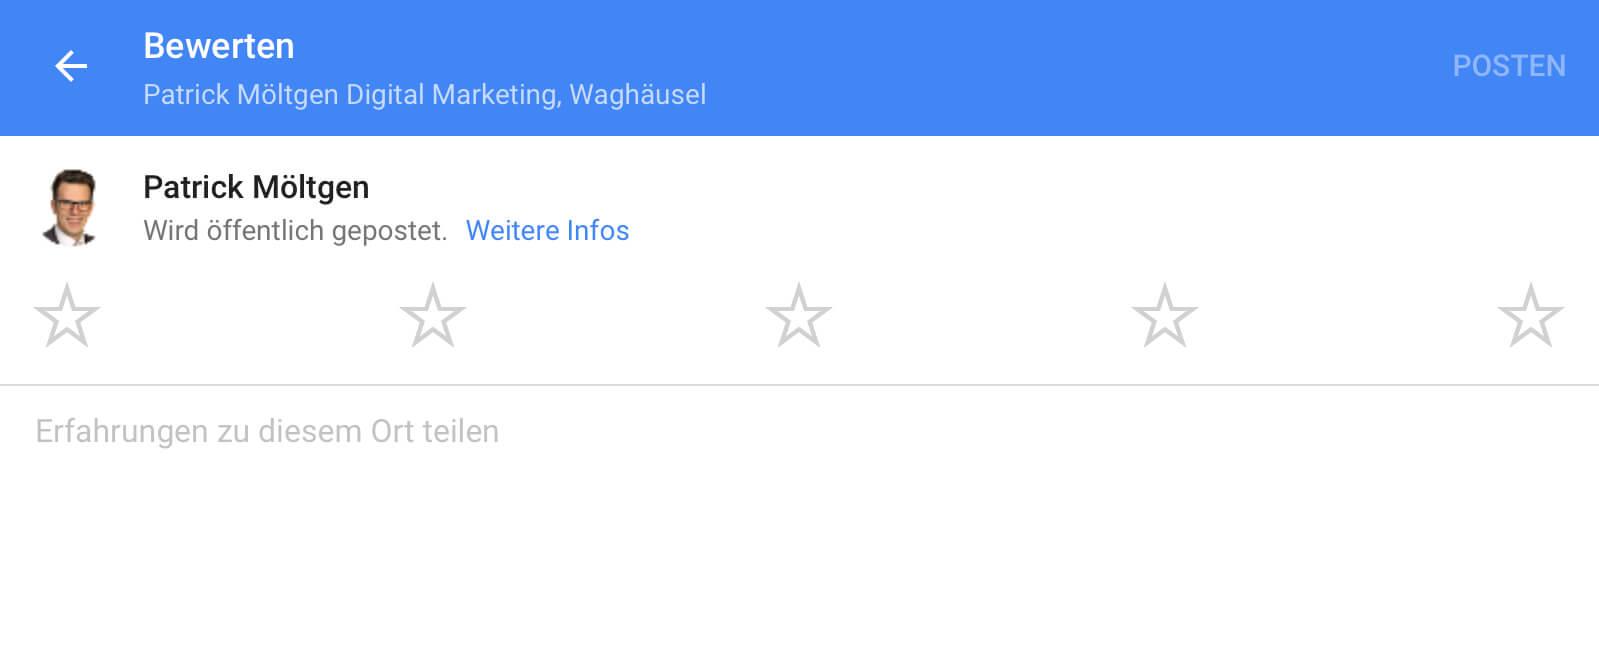 Der Direktlink führt direkt zur Bewertungsabgabe, sofern der Nutzer in seinem Google Konto bereits eingeloggt ist.